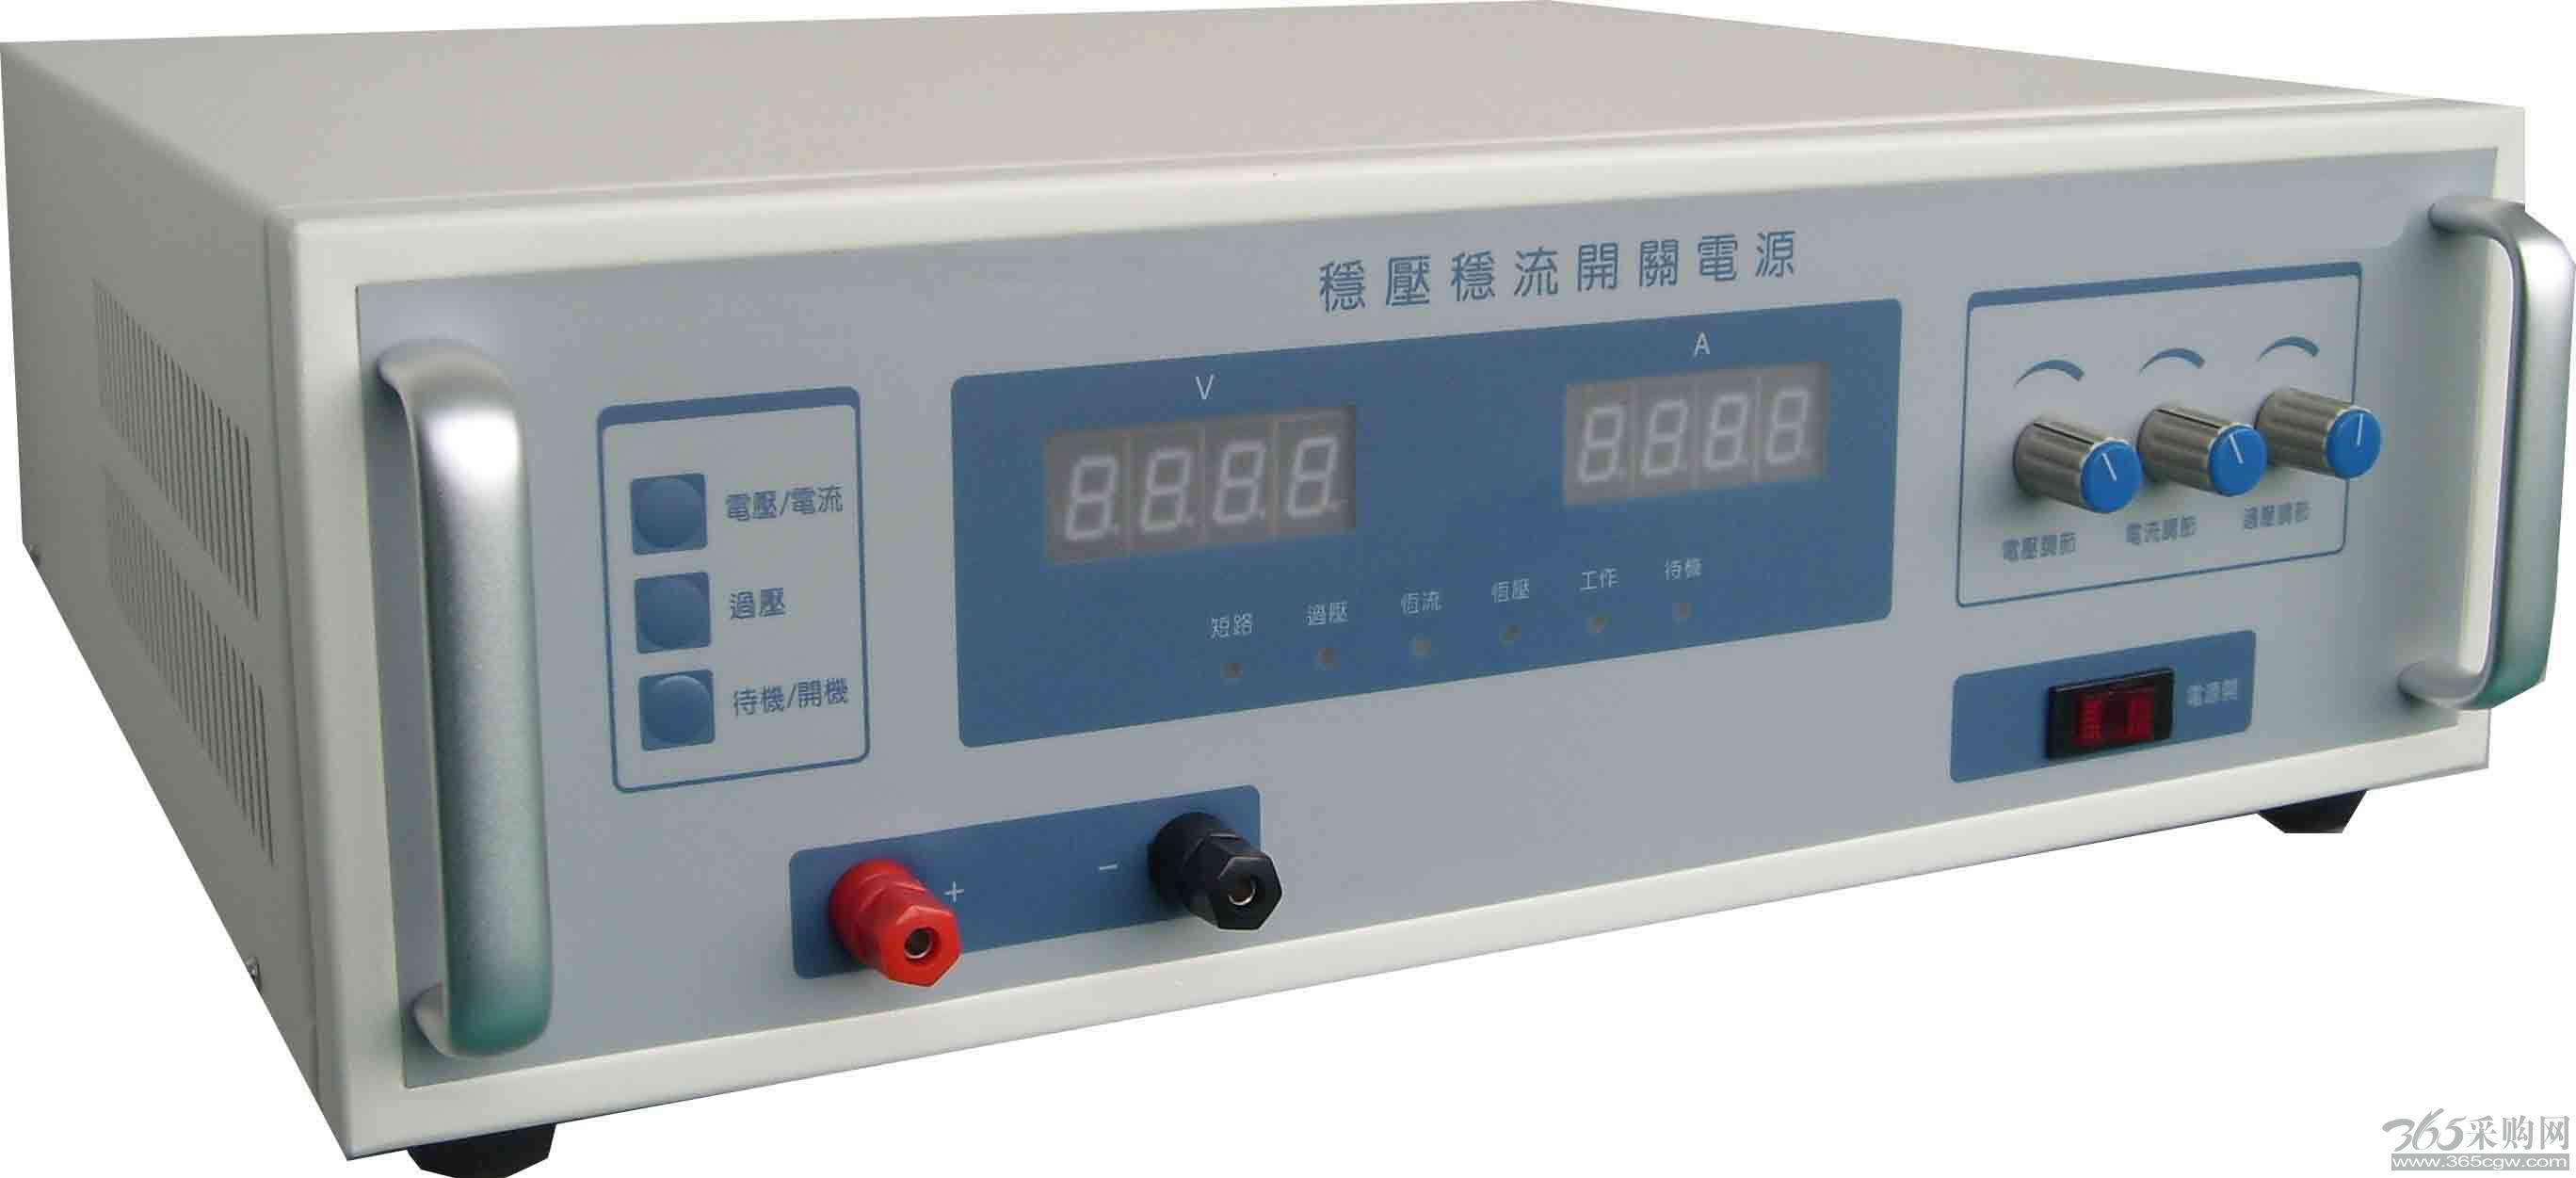 """直流开关电源; 扬州市固纬电源科技研究所坚持以""""诚信为本,质量第一"""